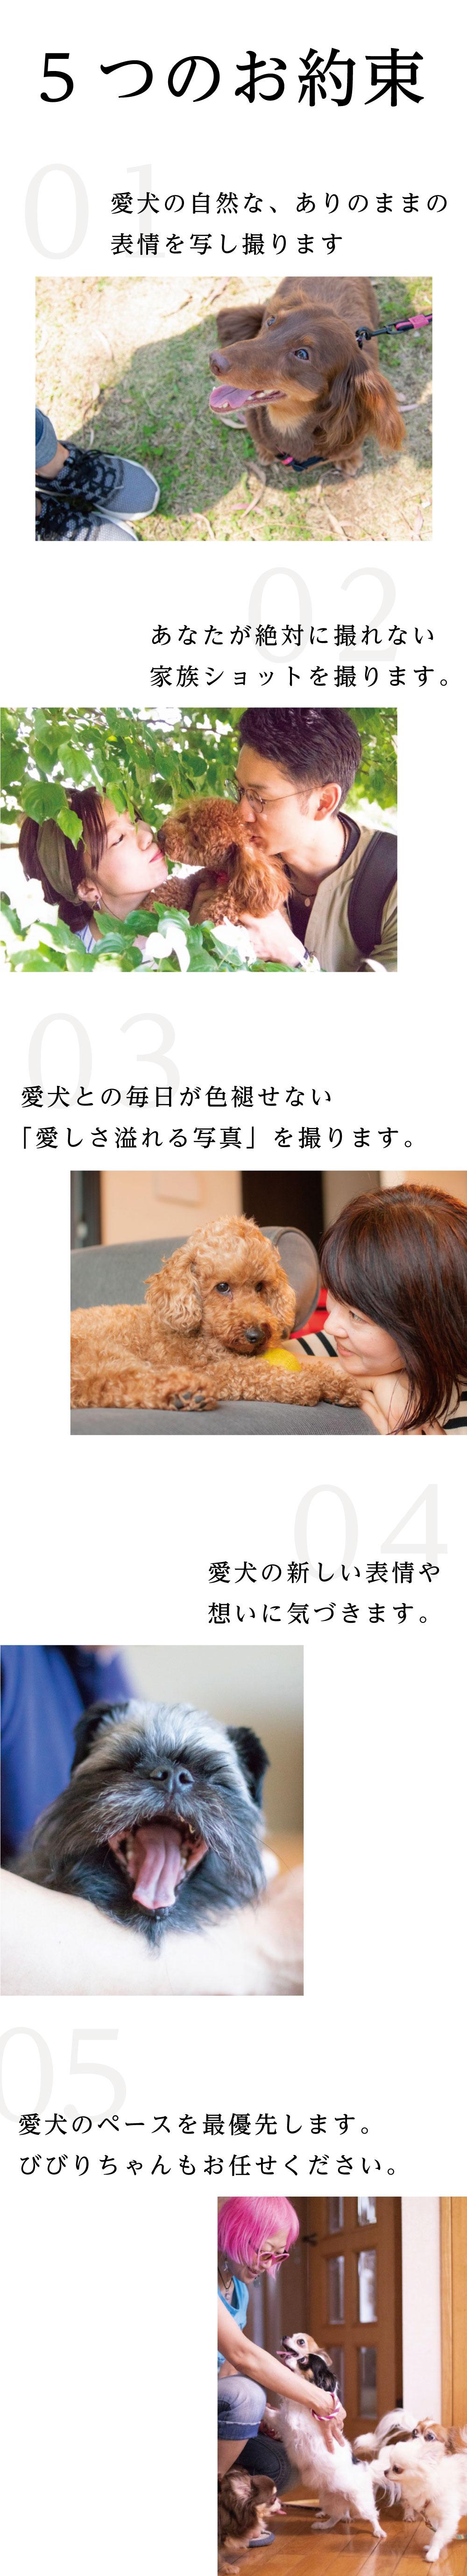 5つのお約束 01:愛犬の自然な、ありのままの表情を写し取ります 02:あなたが絶対に撮れない家族ショットを撮ります 03:愛犬との毎日が色褪せない『愛しさ溢れる写真』を撮ります 04:愛犬の新しい表情や想いに気づきます 05:愛犬のペースを最優先します。びびりちゃんもお任せください